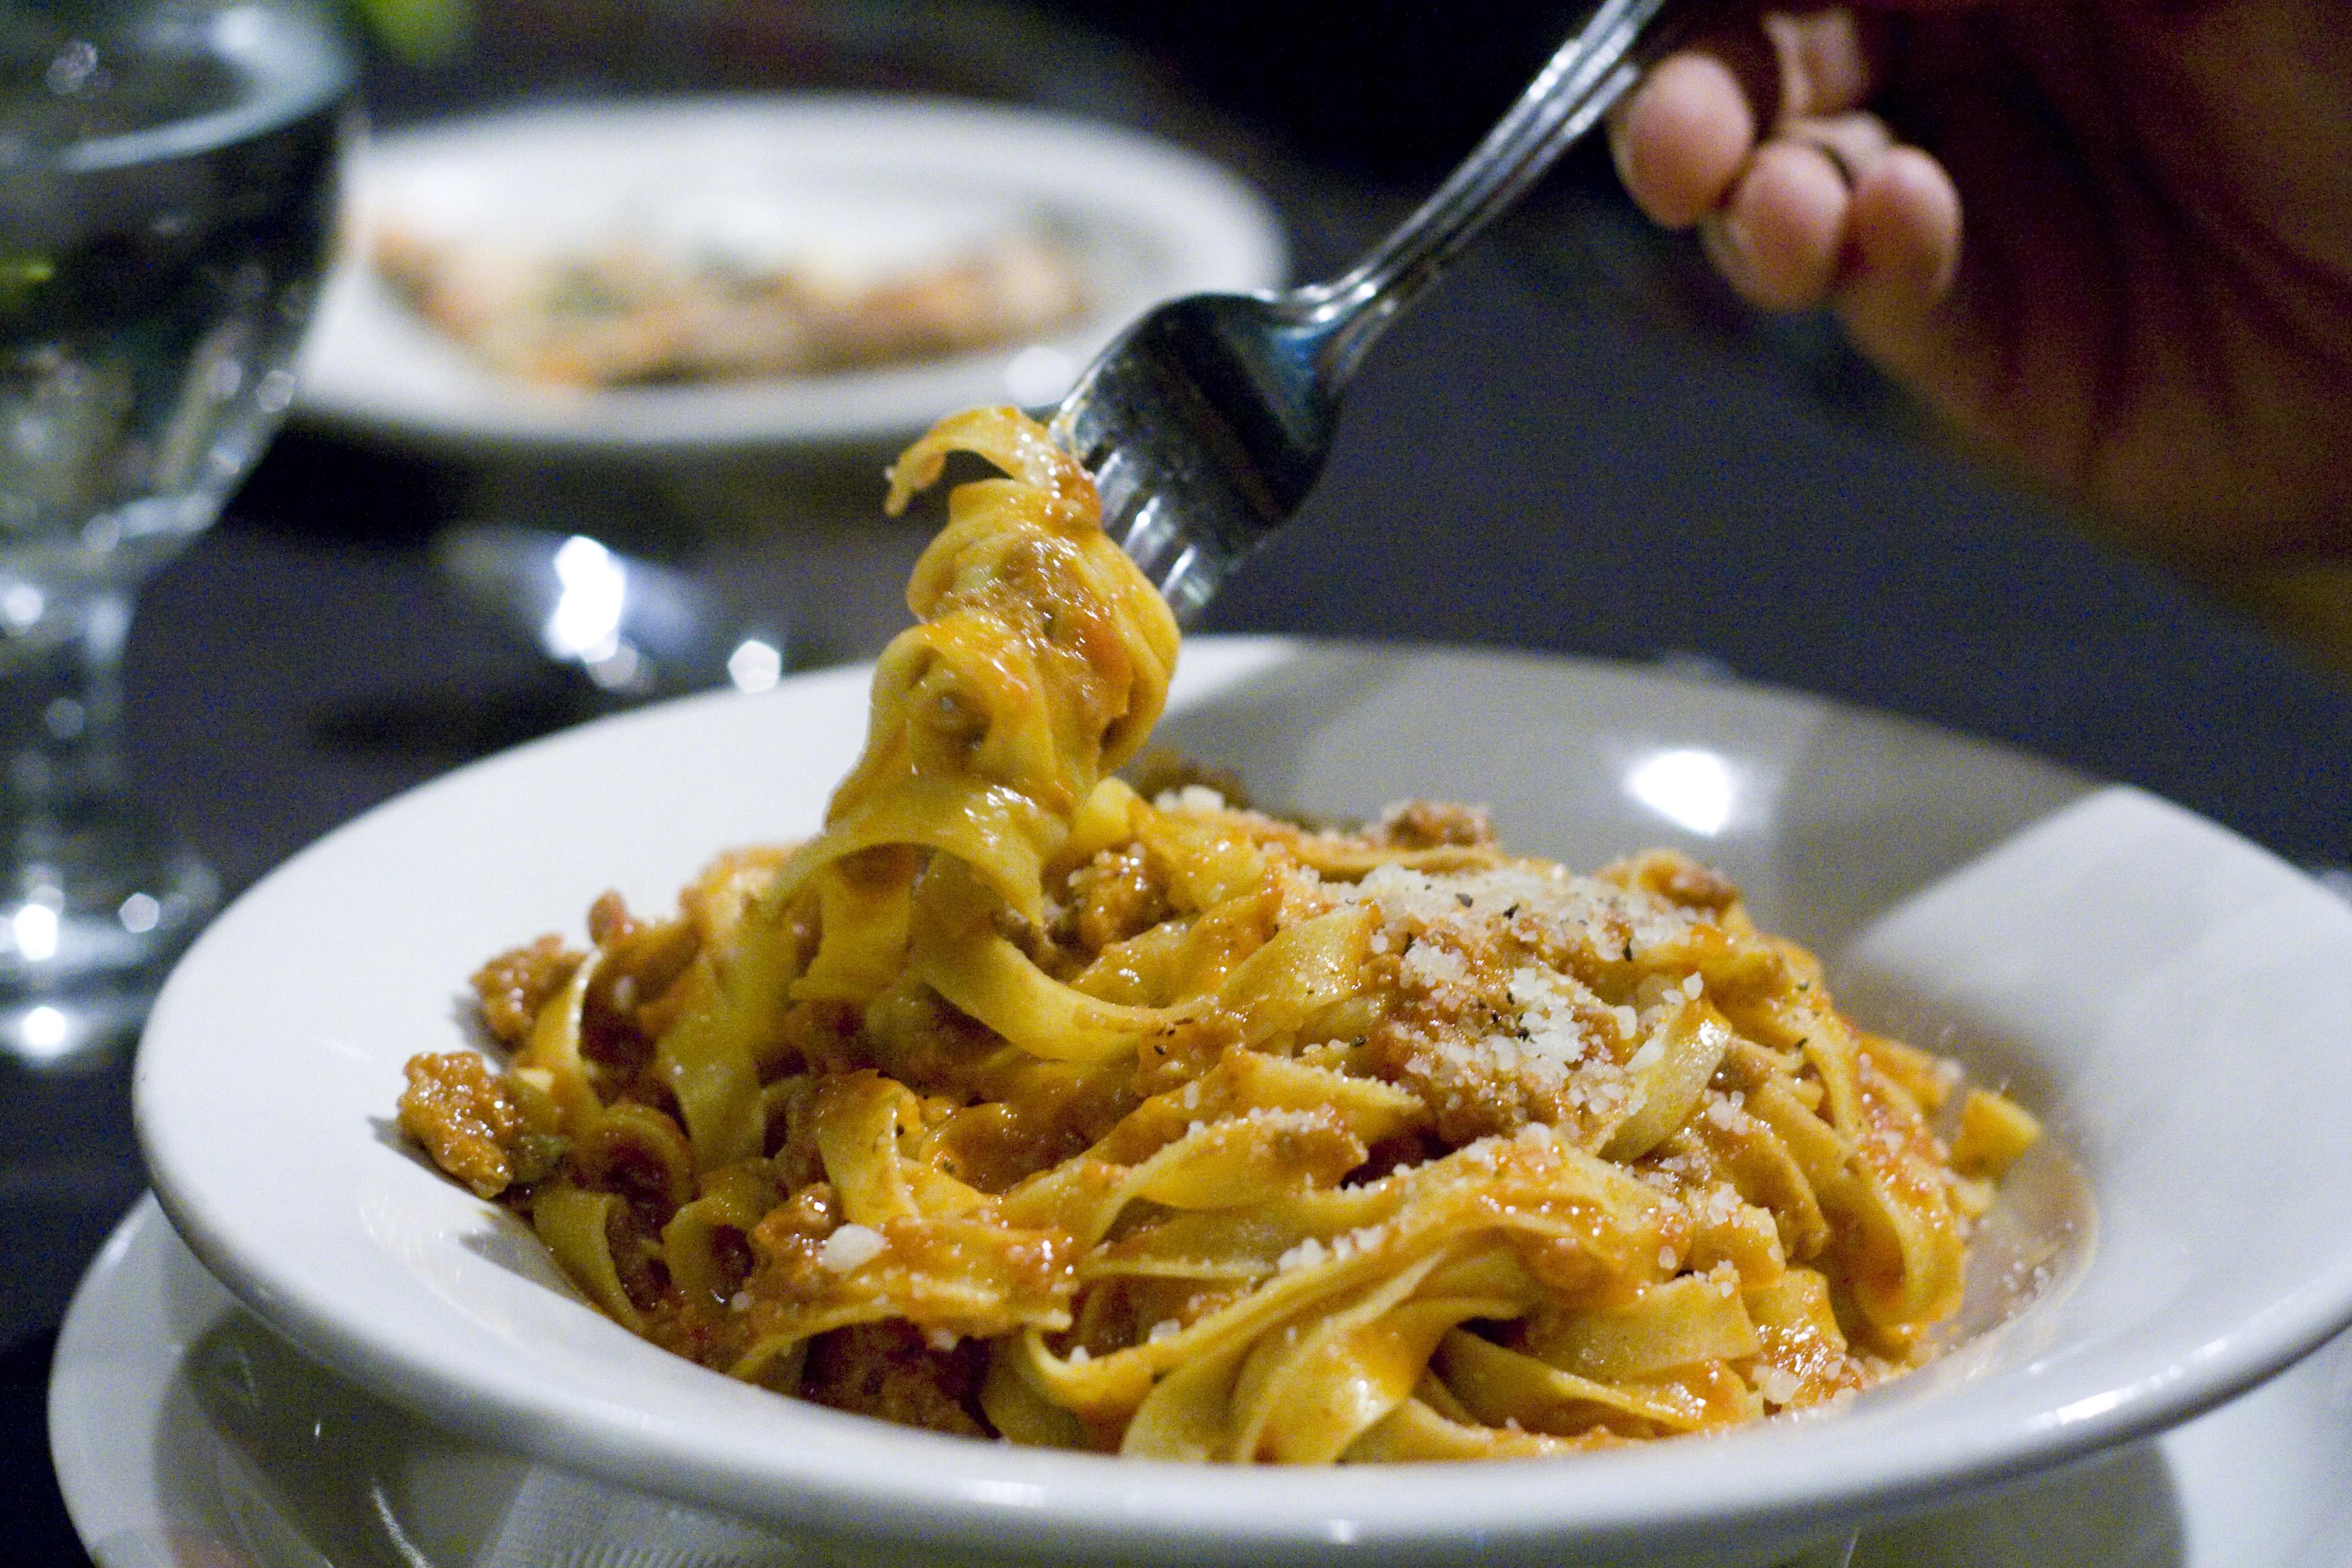 Gluten Free Italian Restaurants Salt Lake City